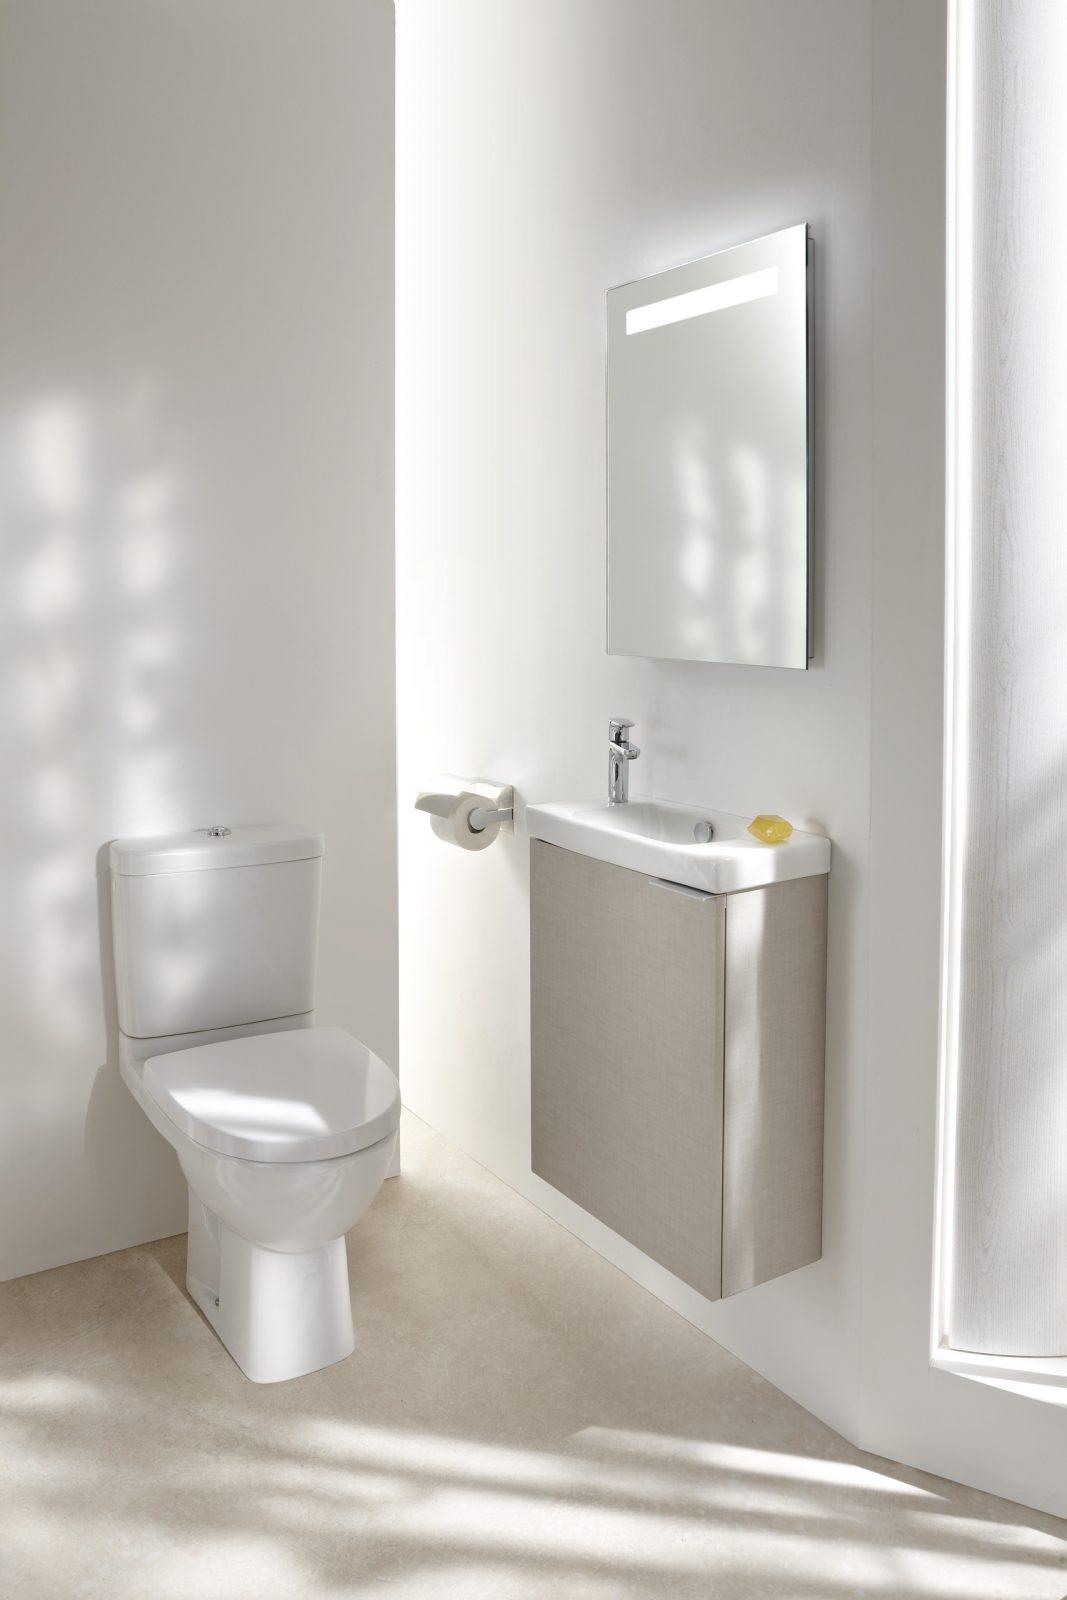 wc sur pied odeon up de jacob delafon salle de bains. Black Bedroom Furniture Sets. Home Design Ideas